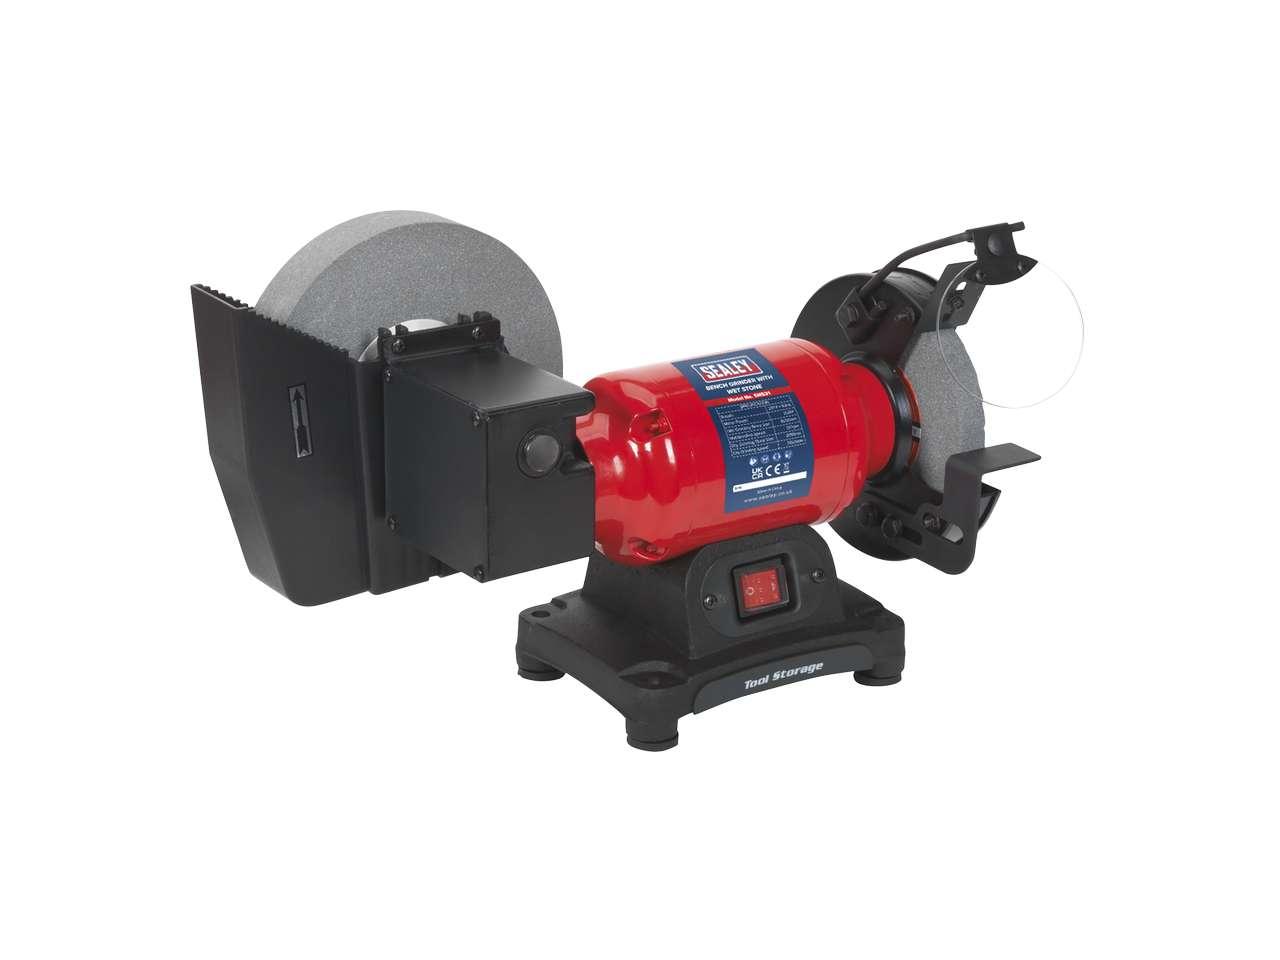 Sealey Sm521 Bench Grinder Wet Amp Dry 200 150mm 250w 230v